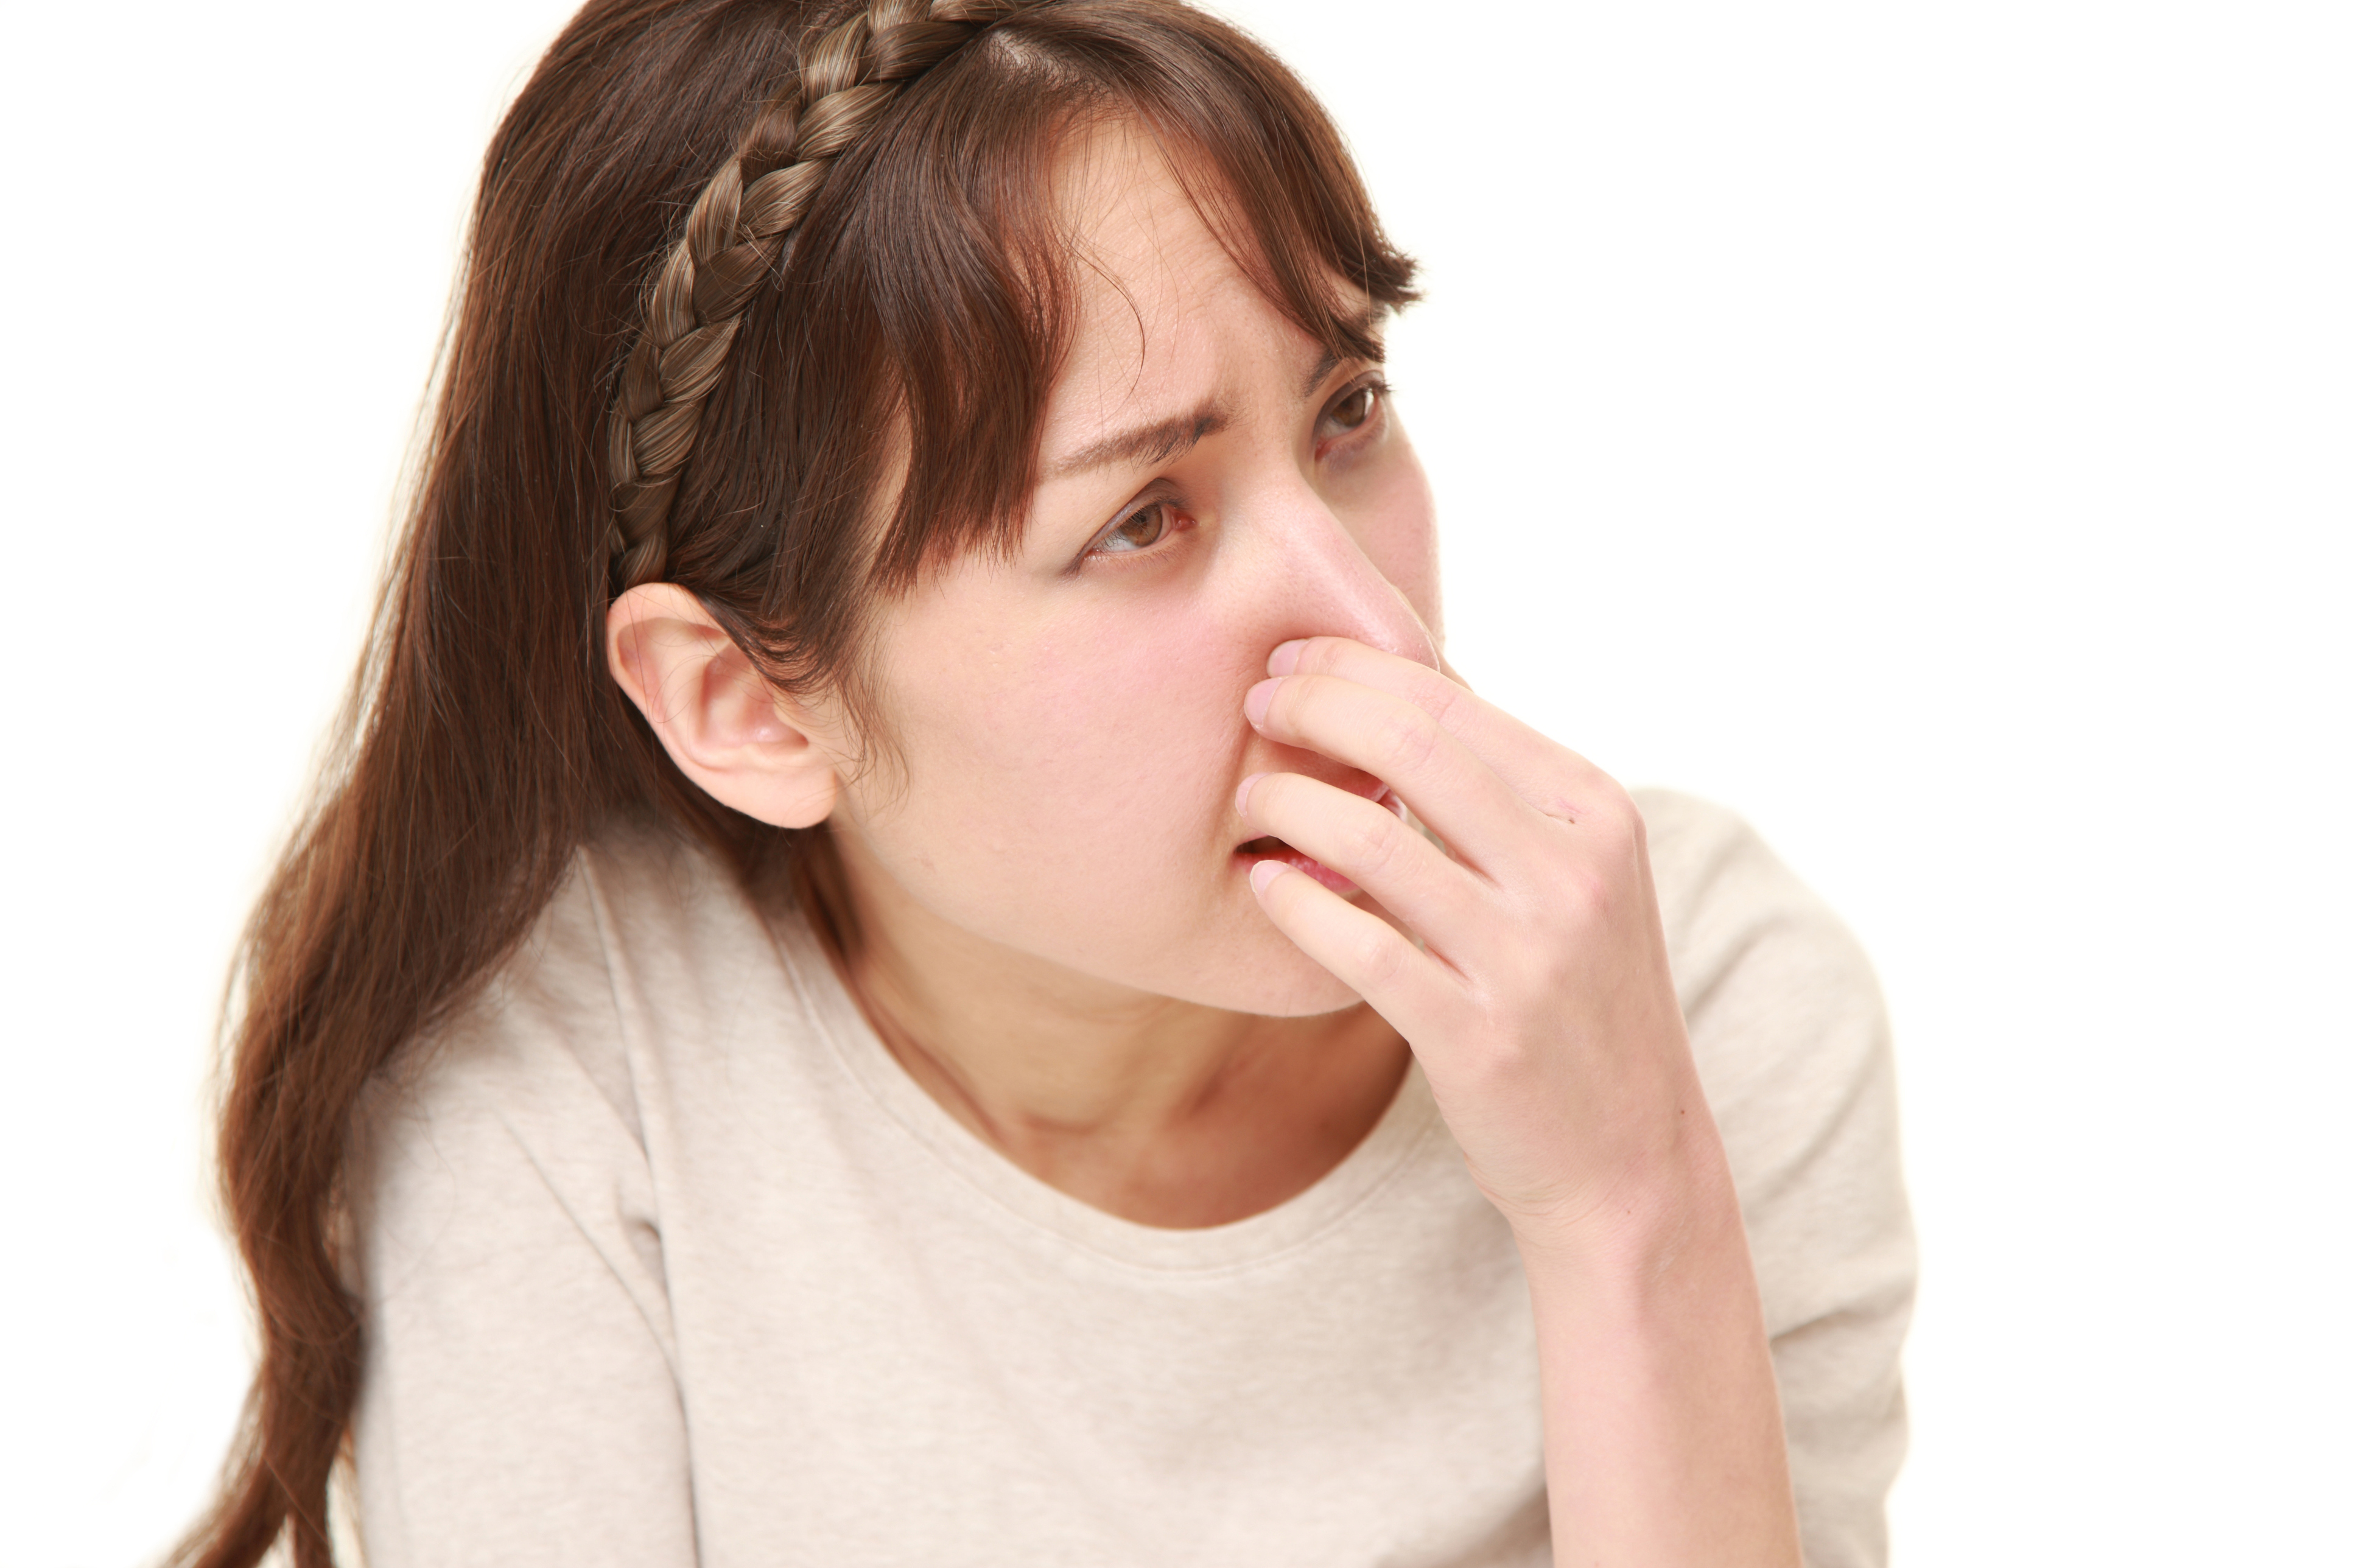 rossz szagom van